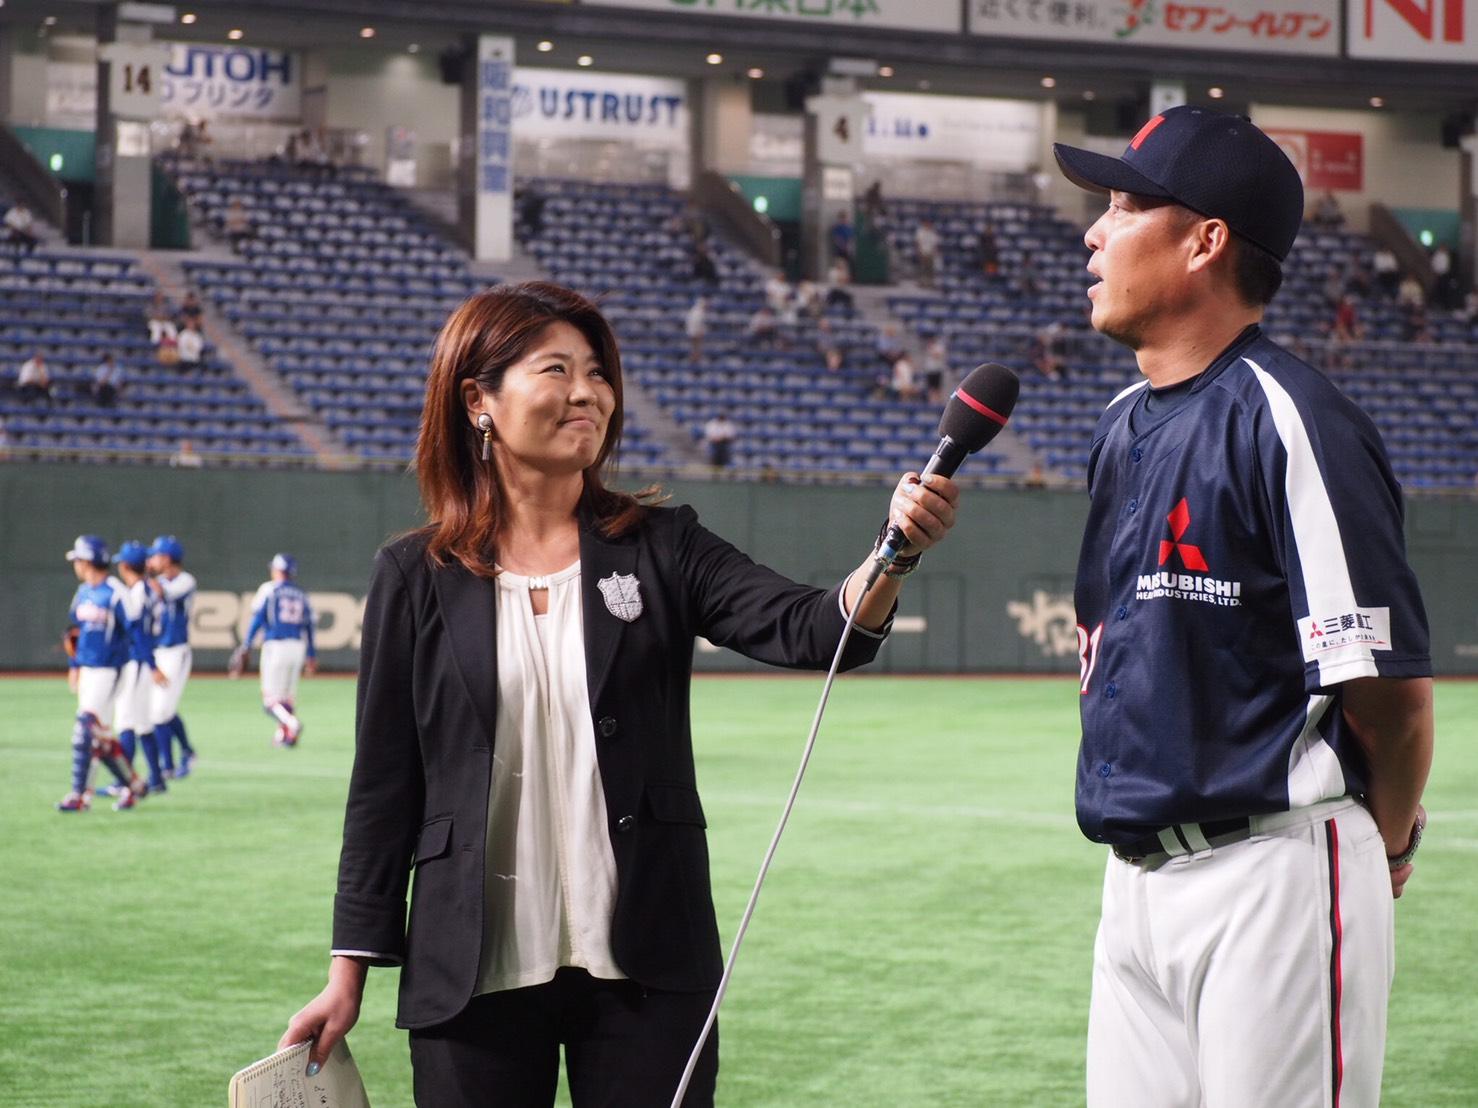 都市対抗野球ヒーローインタビュー